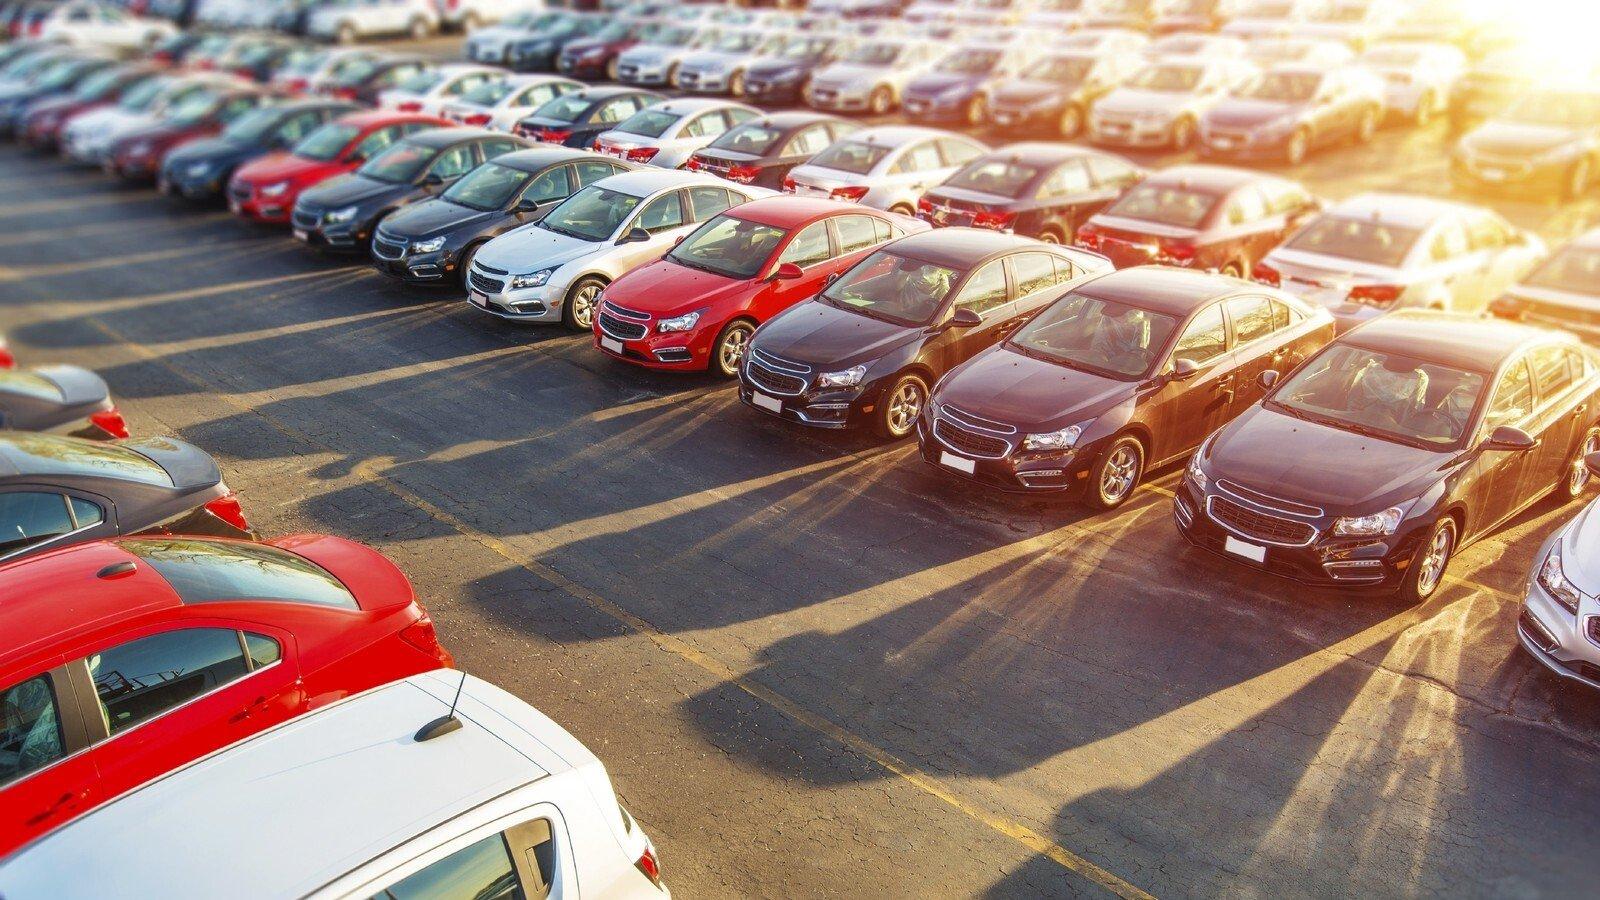 najlepiej-sprzedawane-samochody-na-swiecie-w-roku-2019